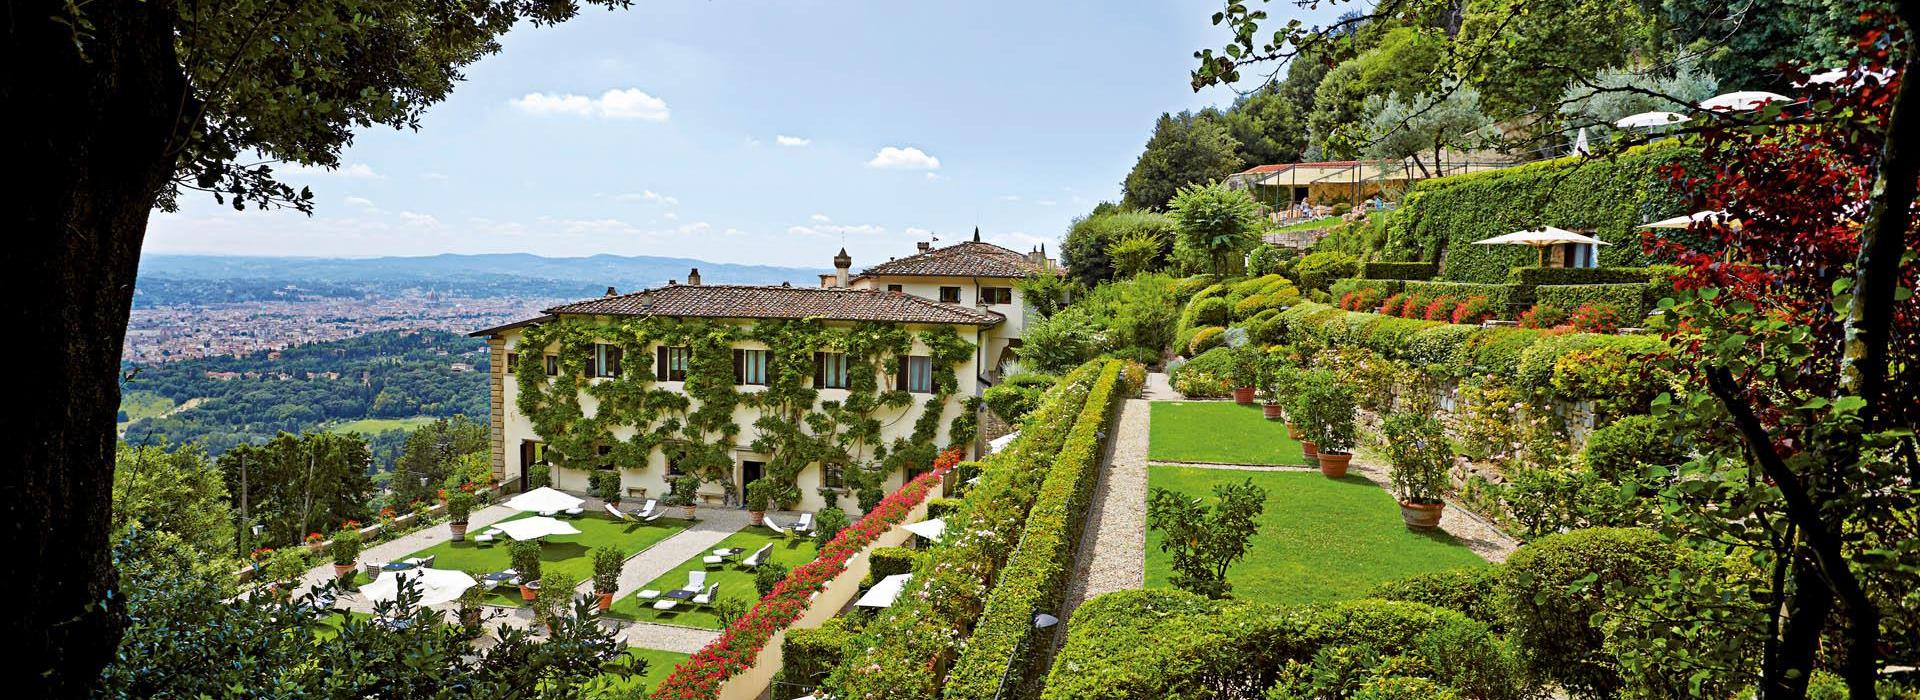 Belmond Villa San Michele 5*